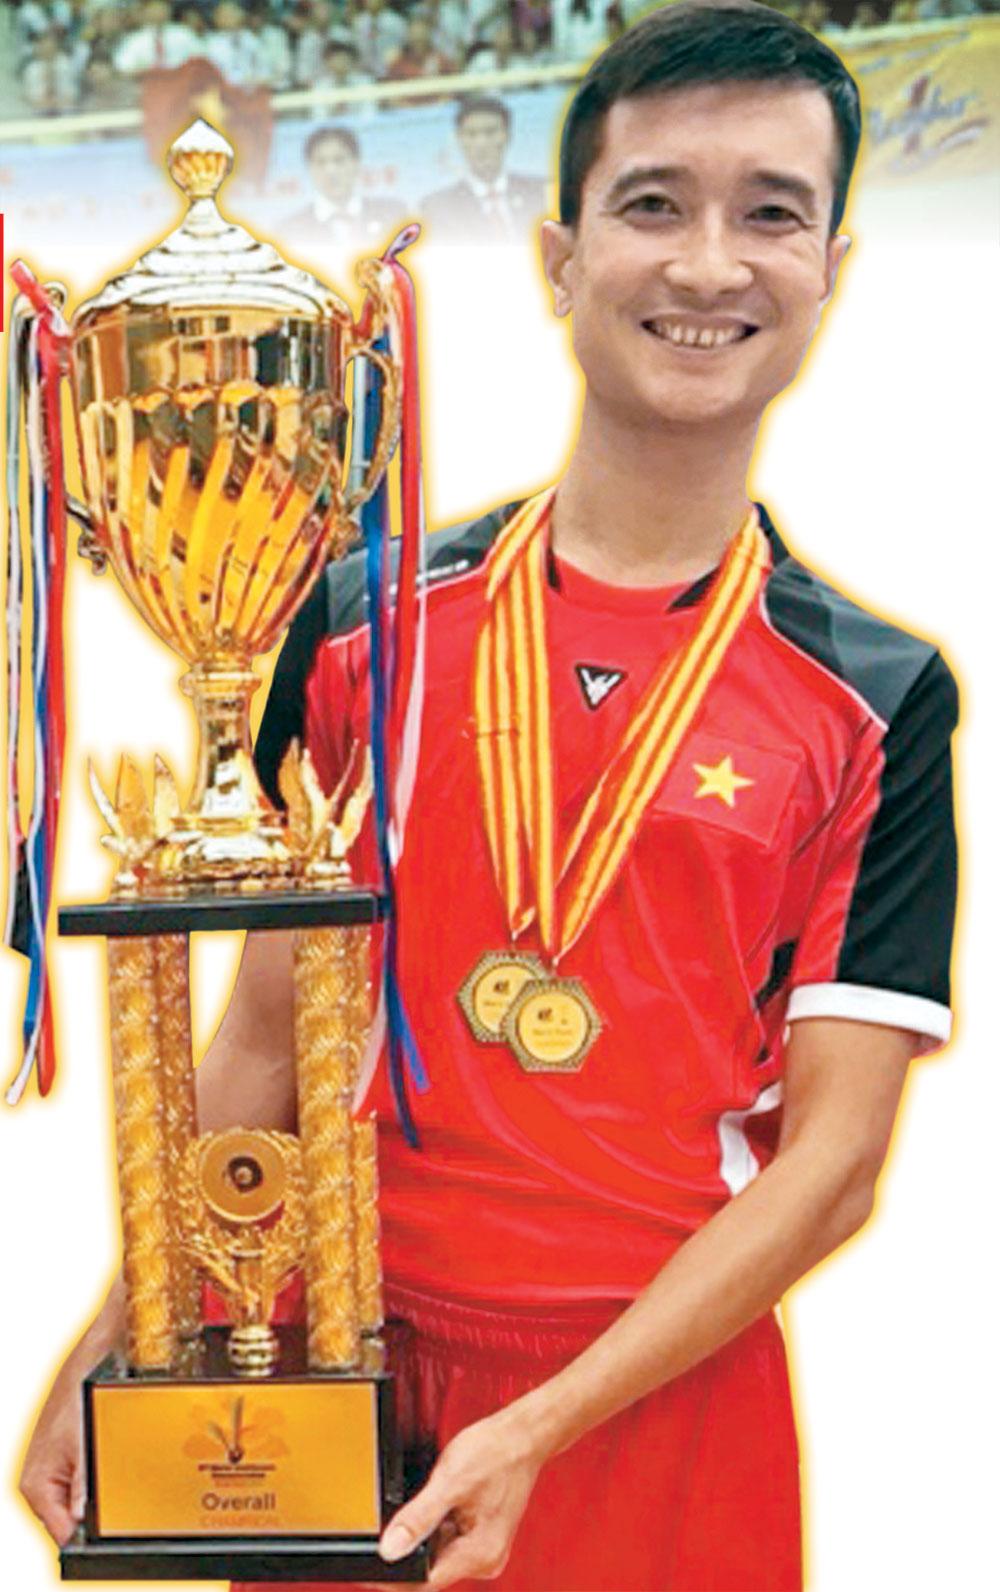 Kiện tướng,  Nguyễn Anh Tuấn, quả cầu vàng, Bắc Giang